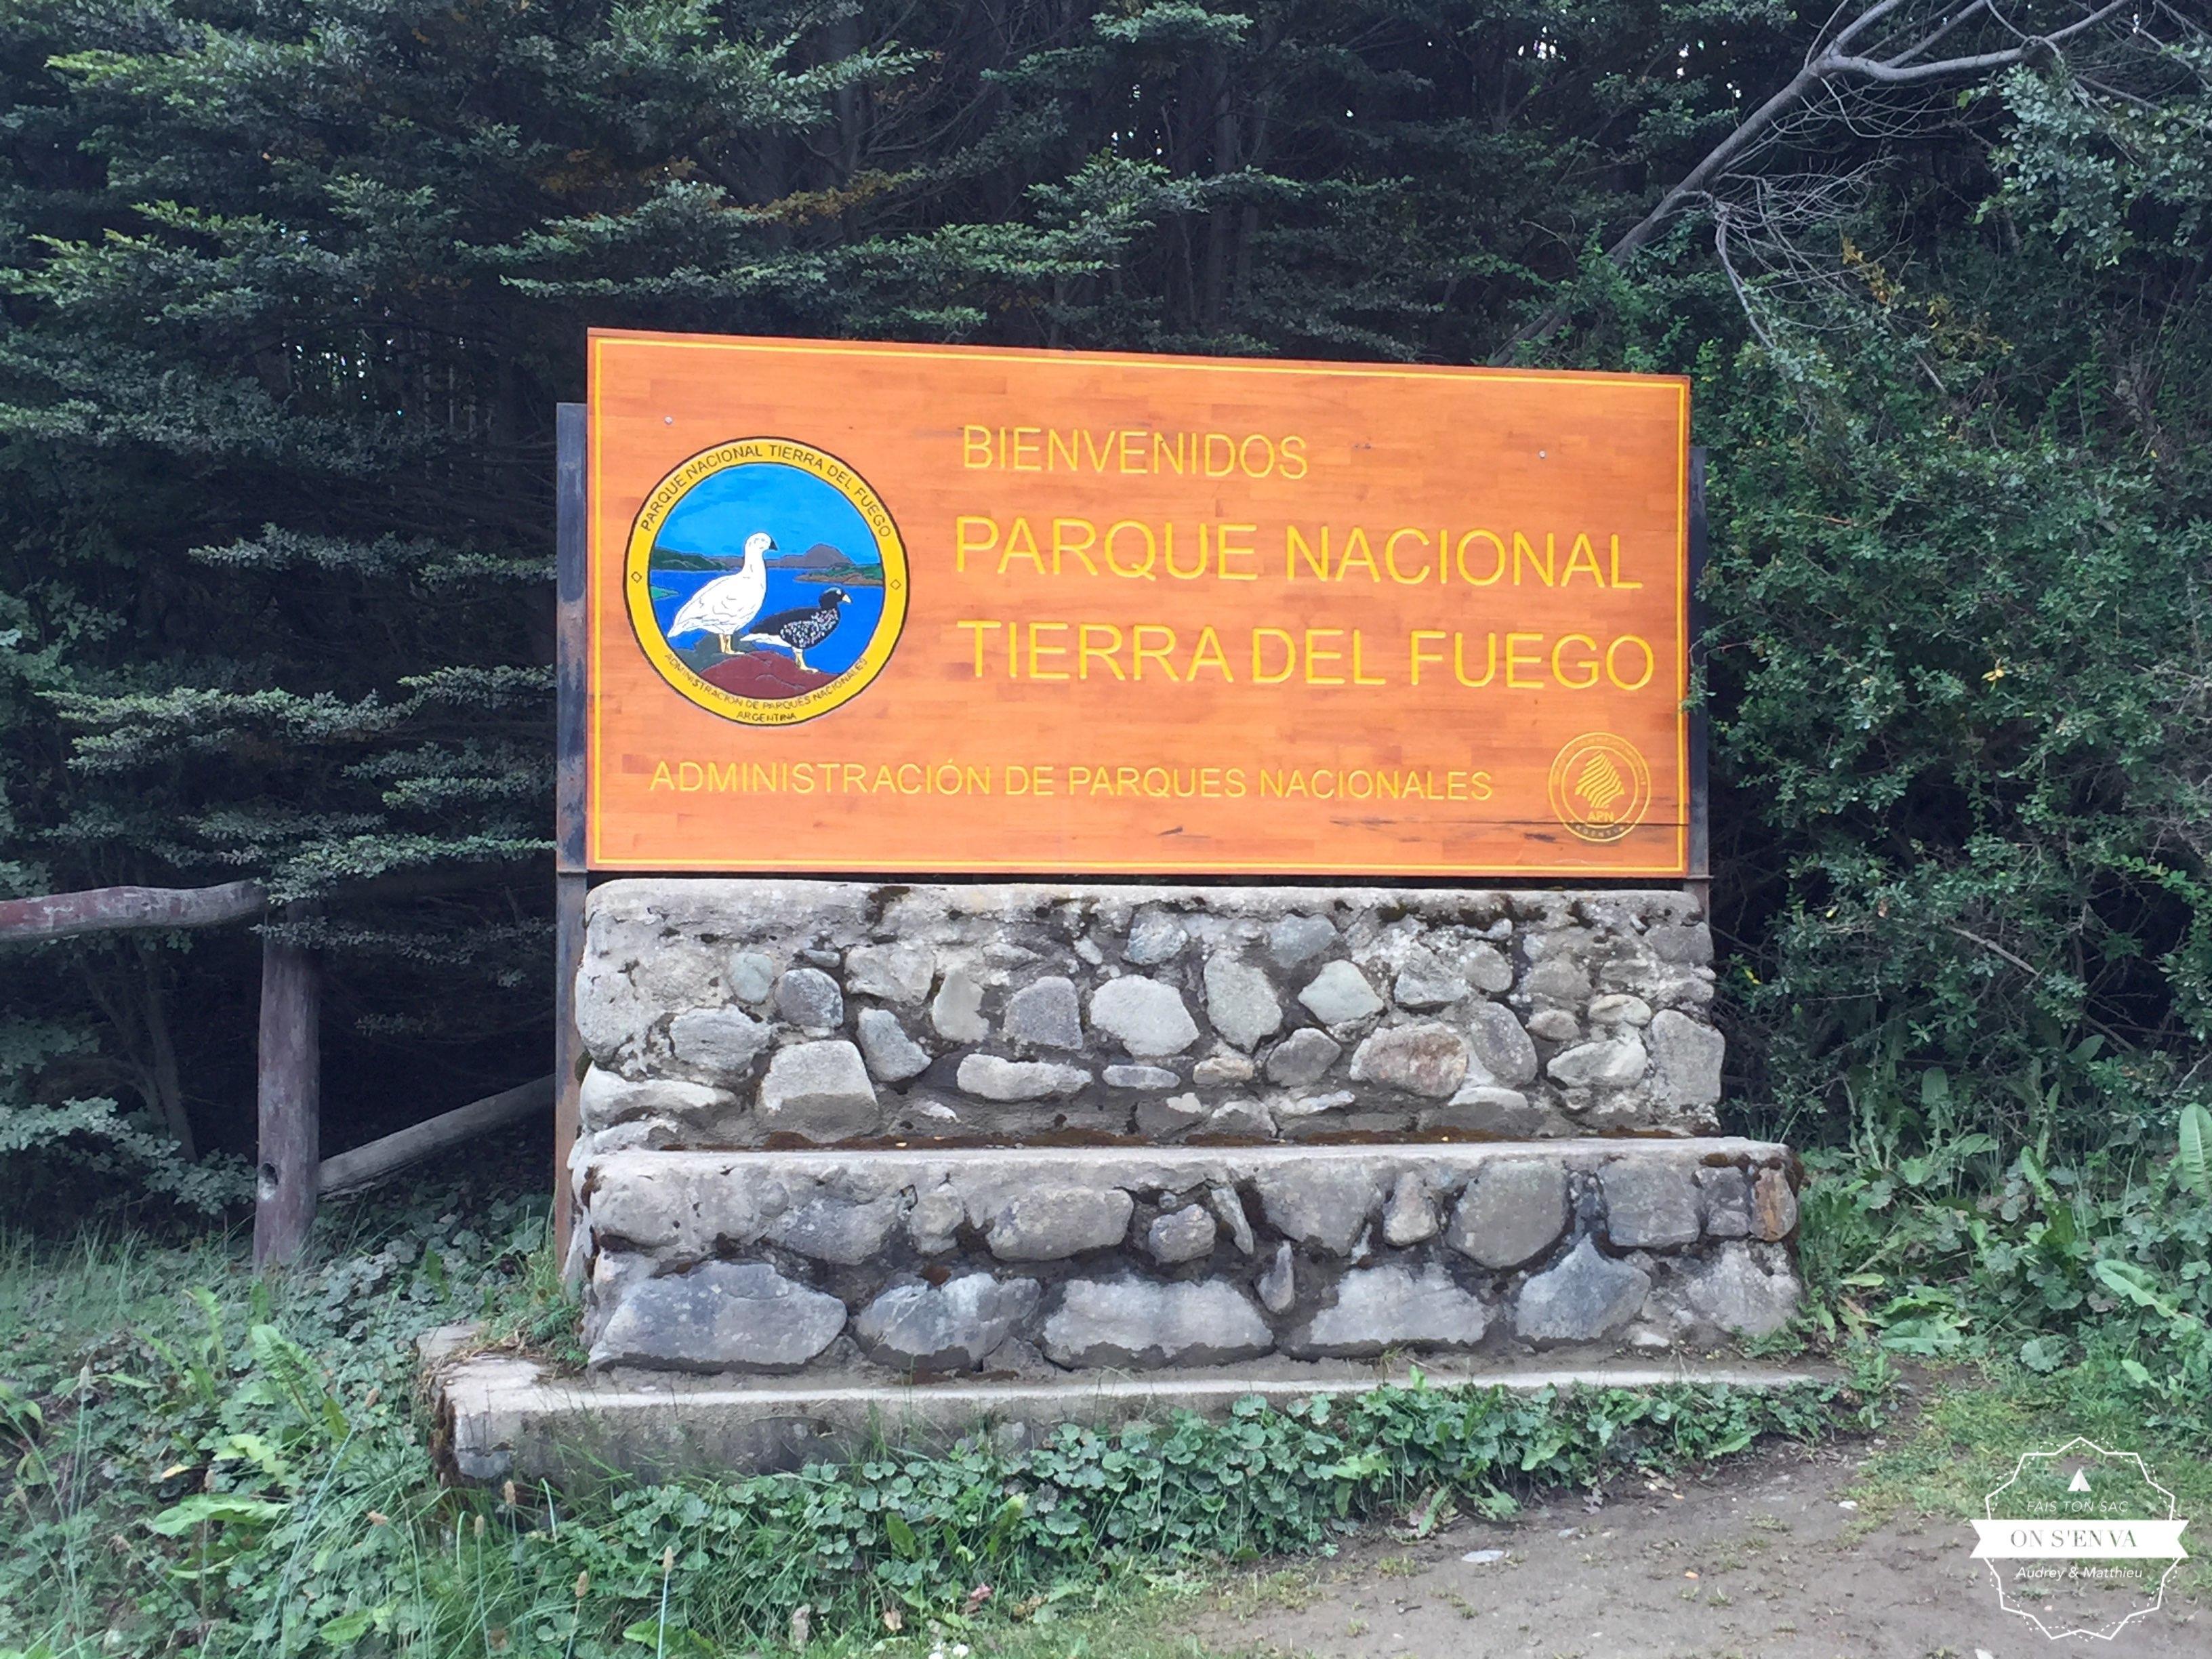 Pour rejoindre le Parc national